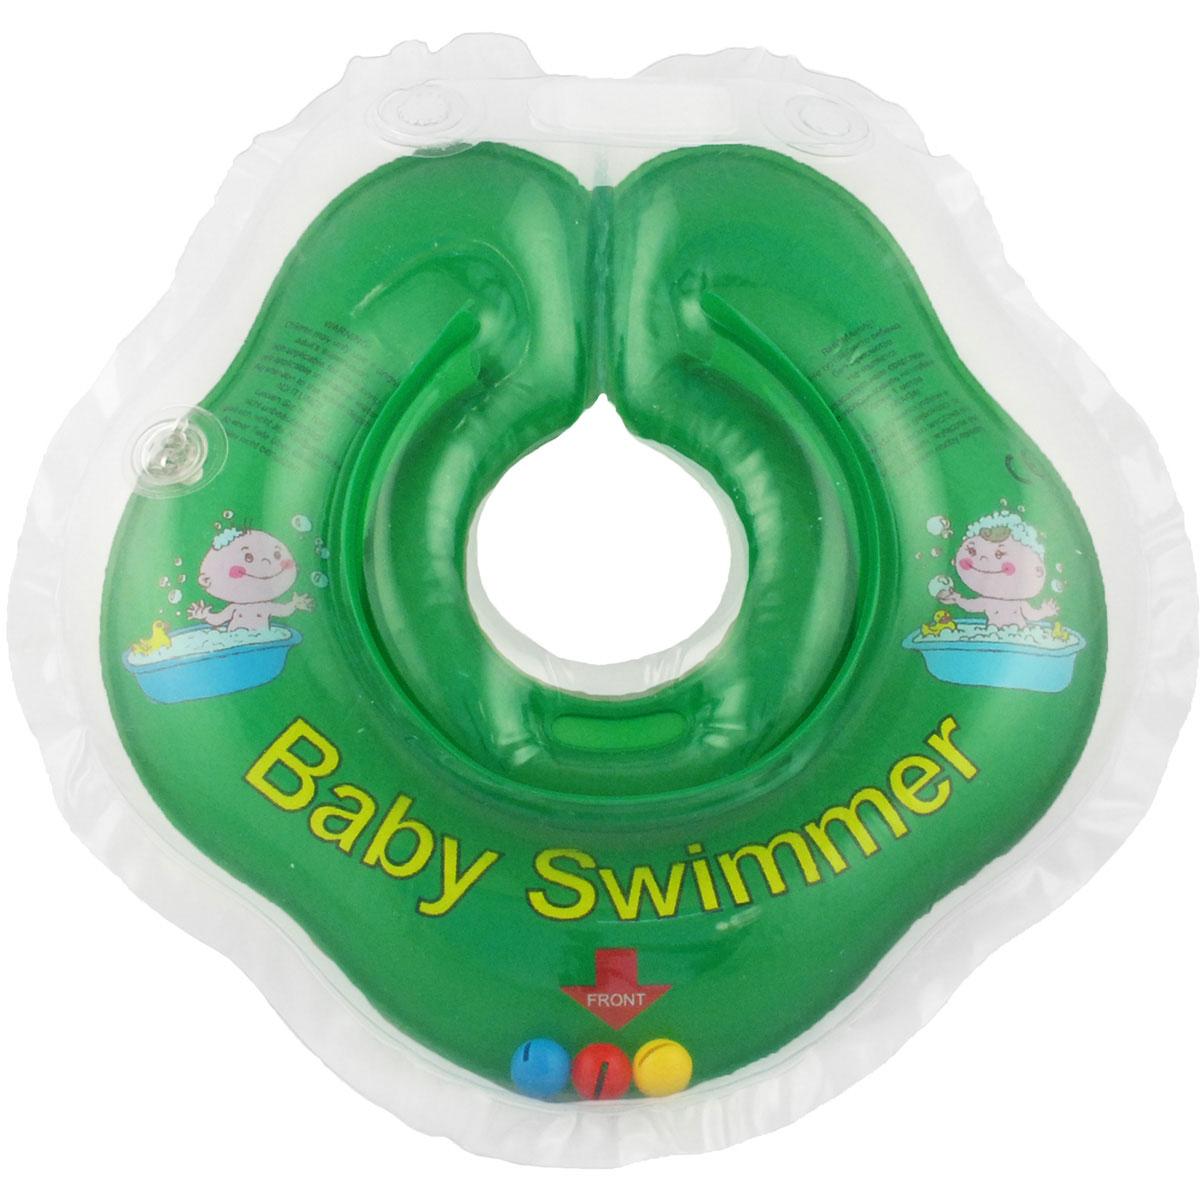 Baby Swimmer Круг на шею с погремушкой цвет зеленый 3-12 кг BS02G-B/зел_0-24мес